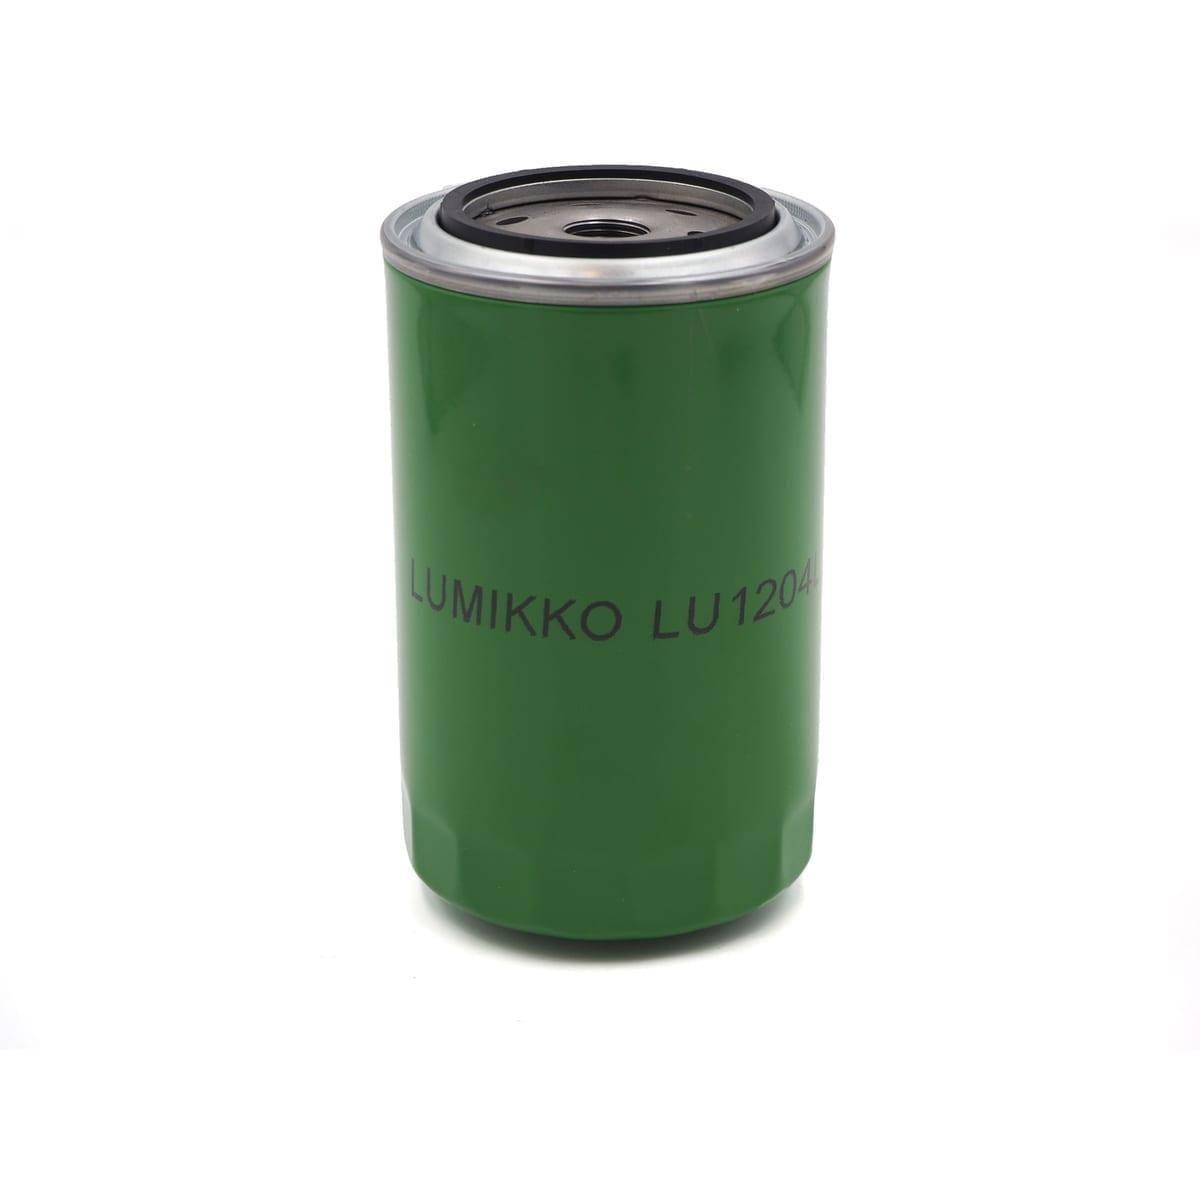 LU1204 – Lumikko öljynsuodatin